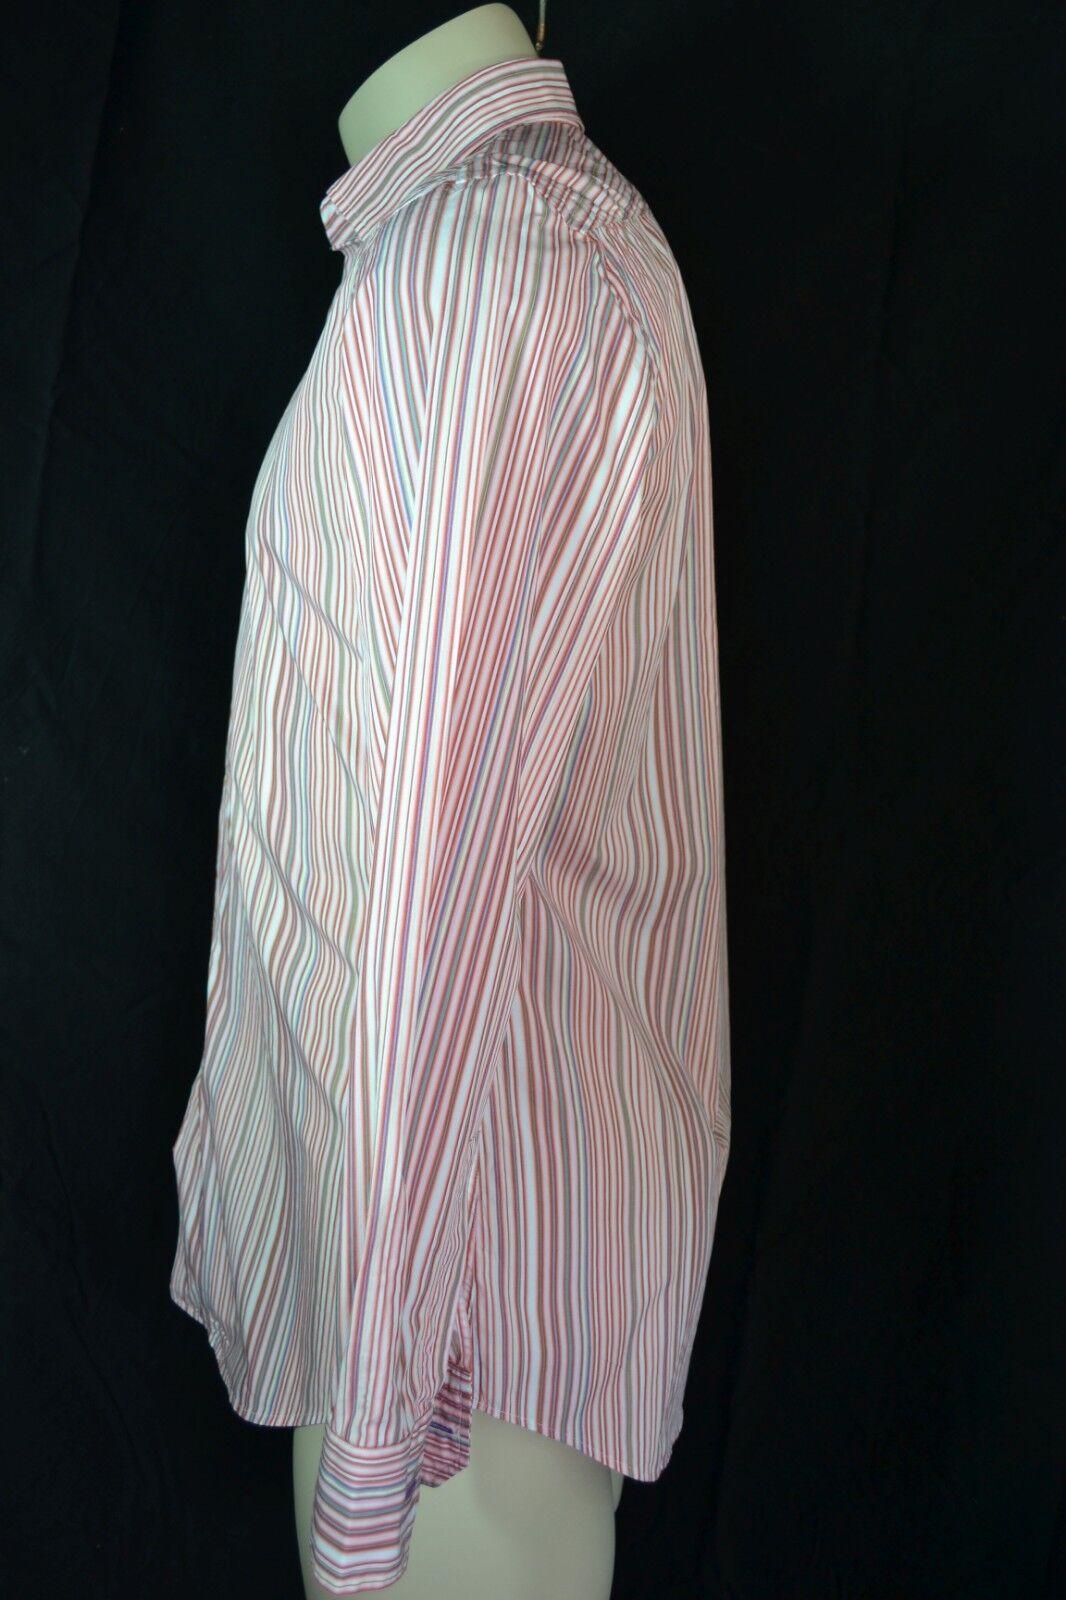 PAUL SMITH LONDON Herren Ober Hemd Hemd Hemd 39 M neu men shirt chemise  NEW cotton BW | Professionelles Design  2e8b89